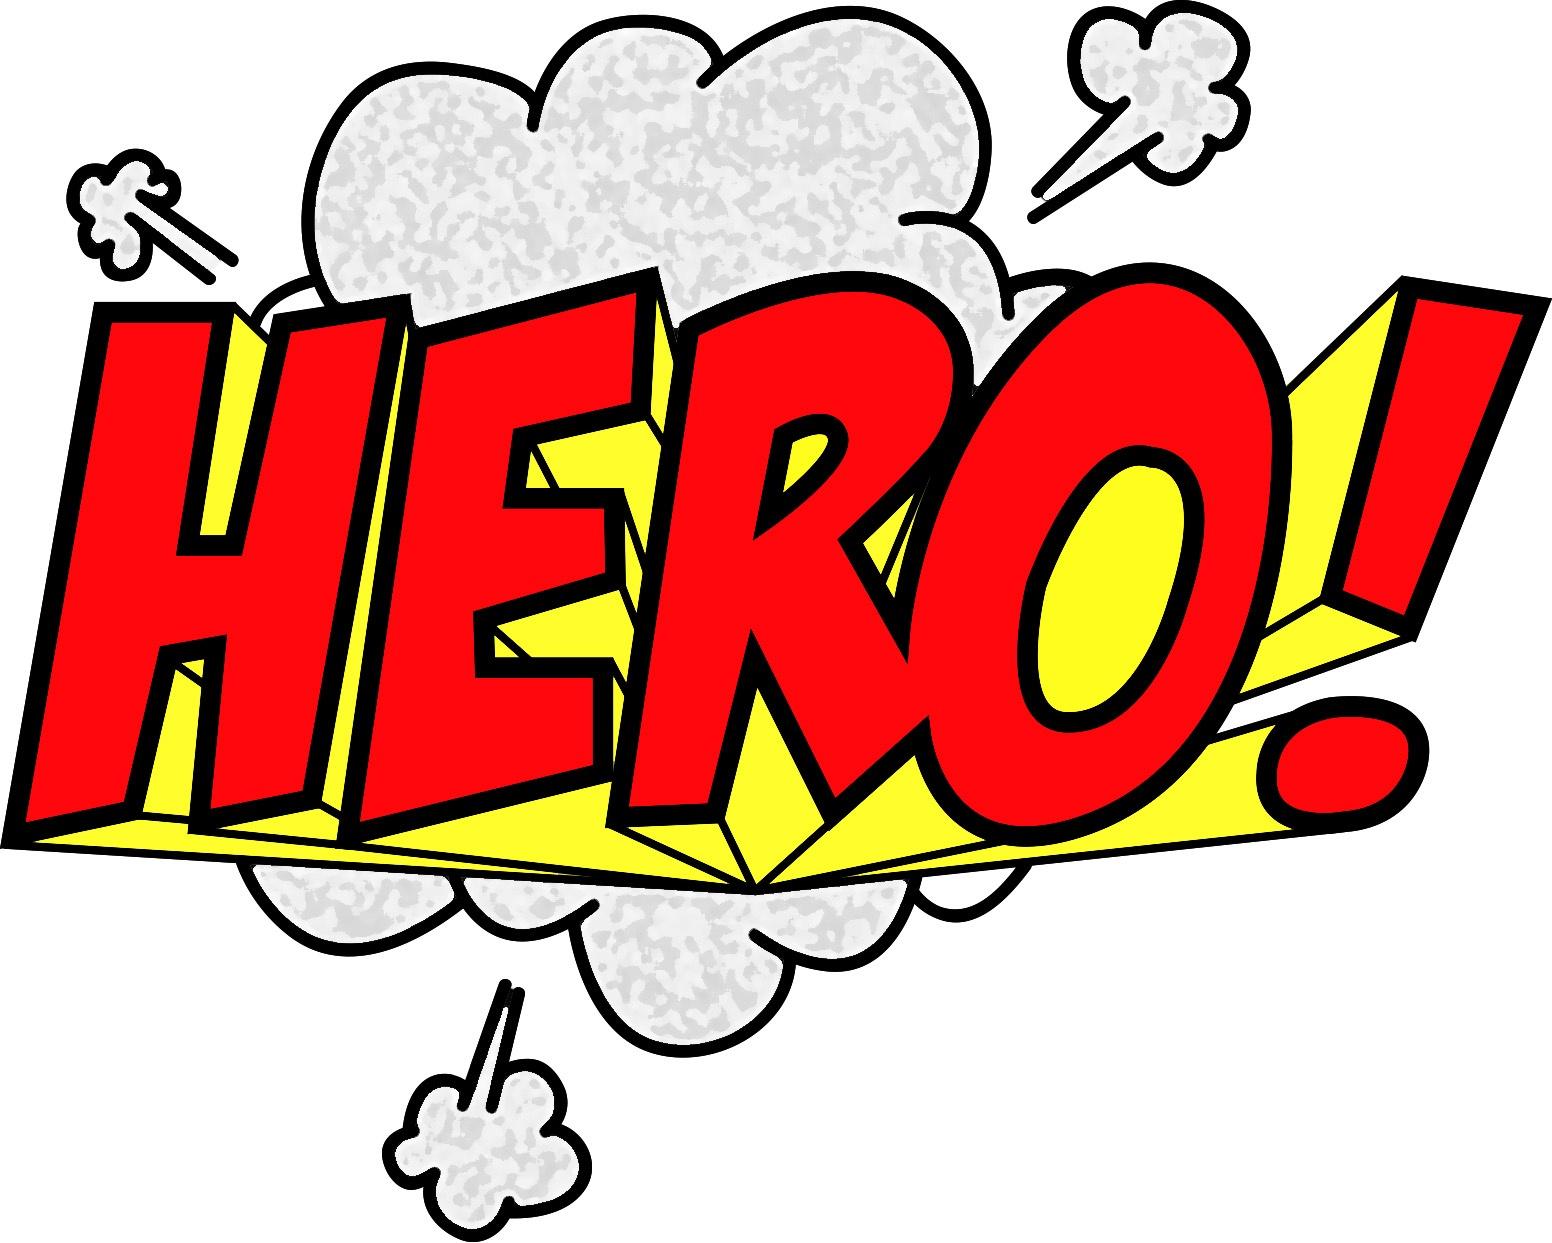 Super Hero Words | Free Download Best Super Hero Words On Clipartmag - Free Printable Superhero Words